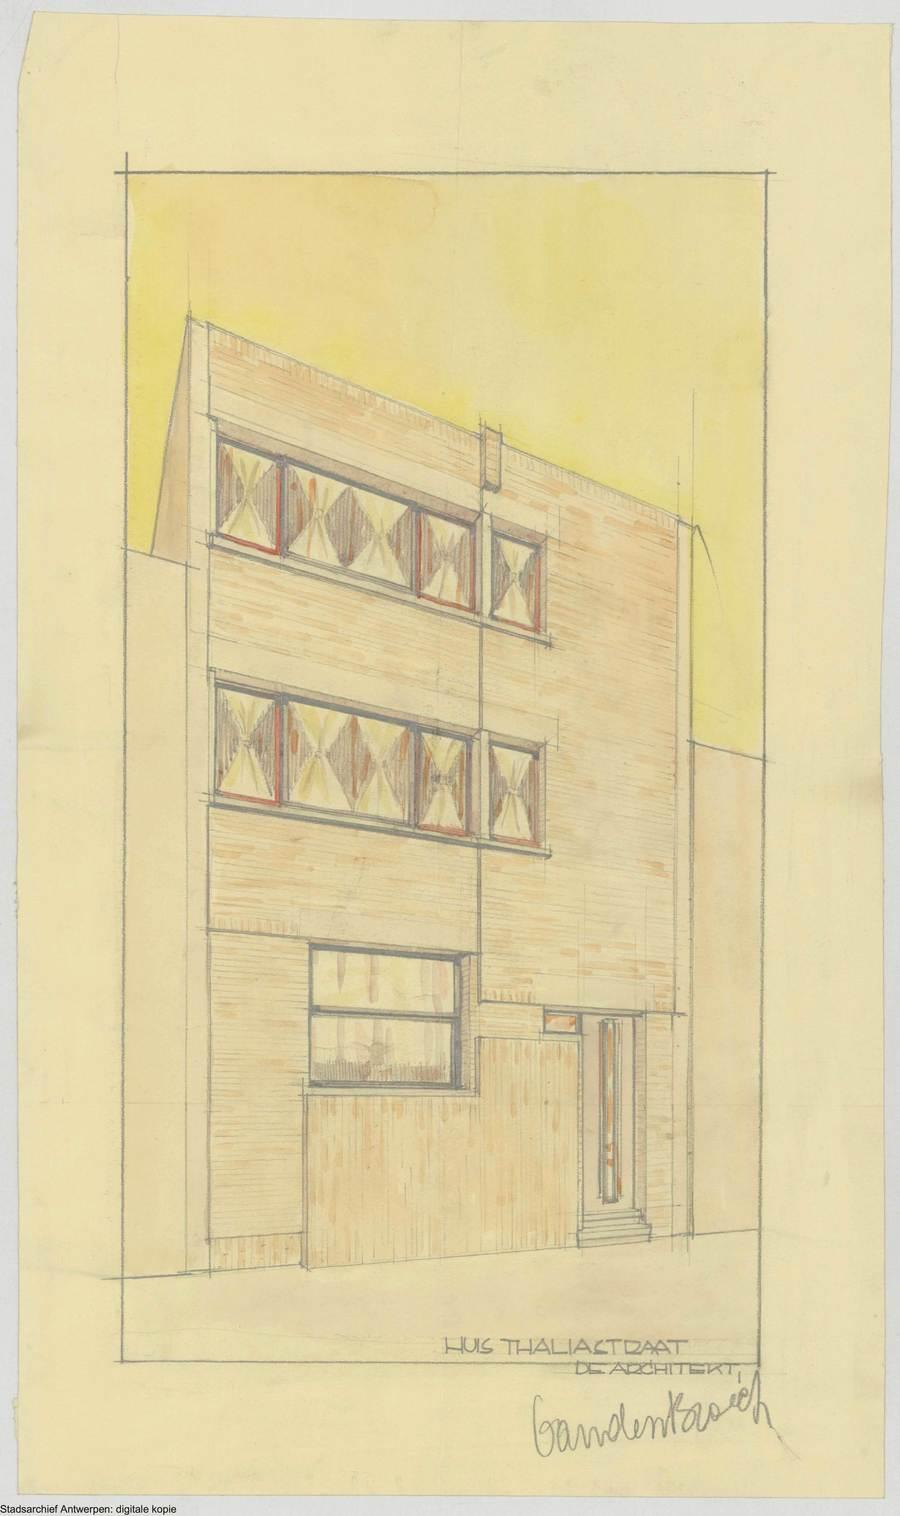 Gevelontwerp van architect Walter Van den Broeck.